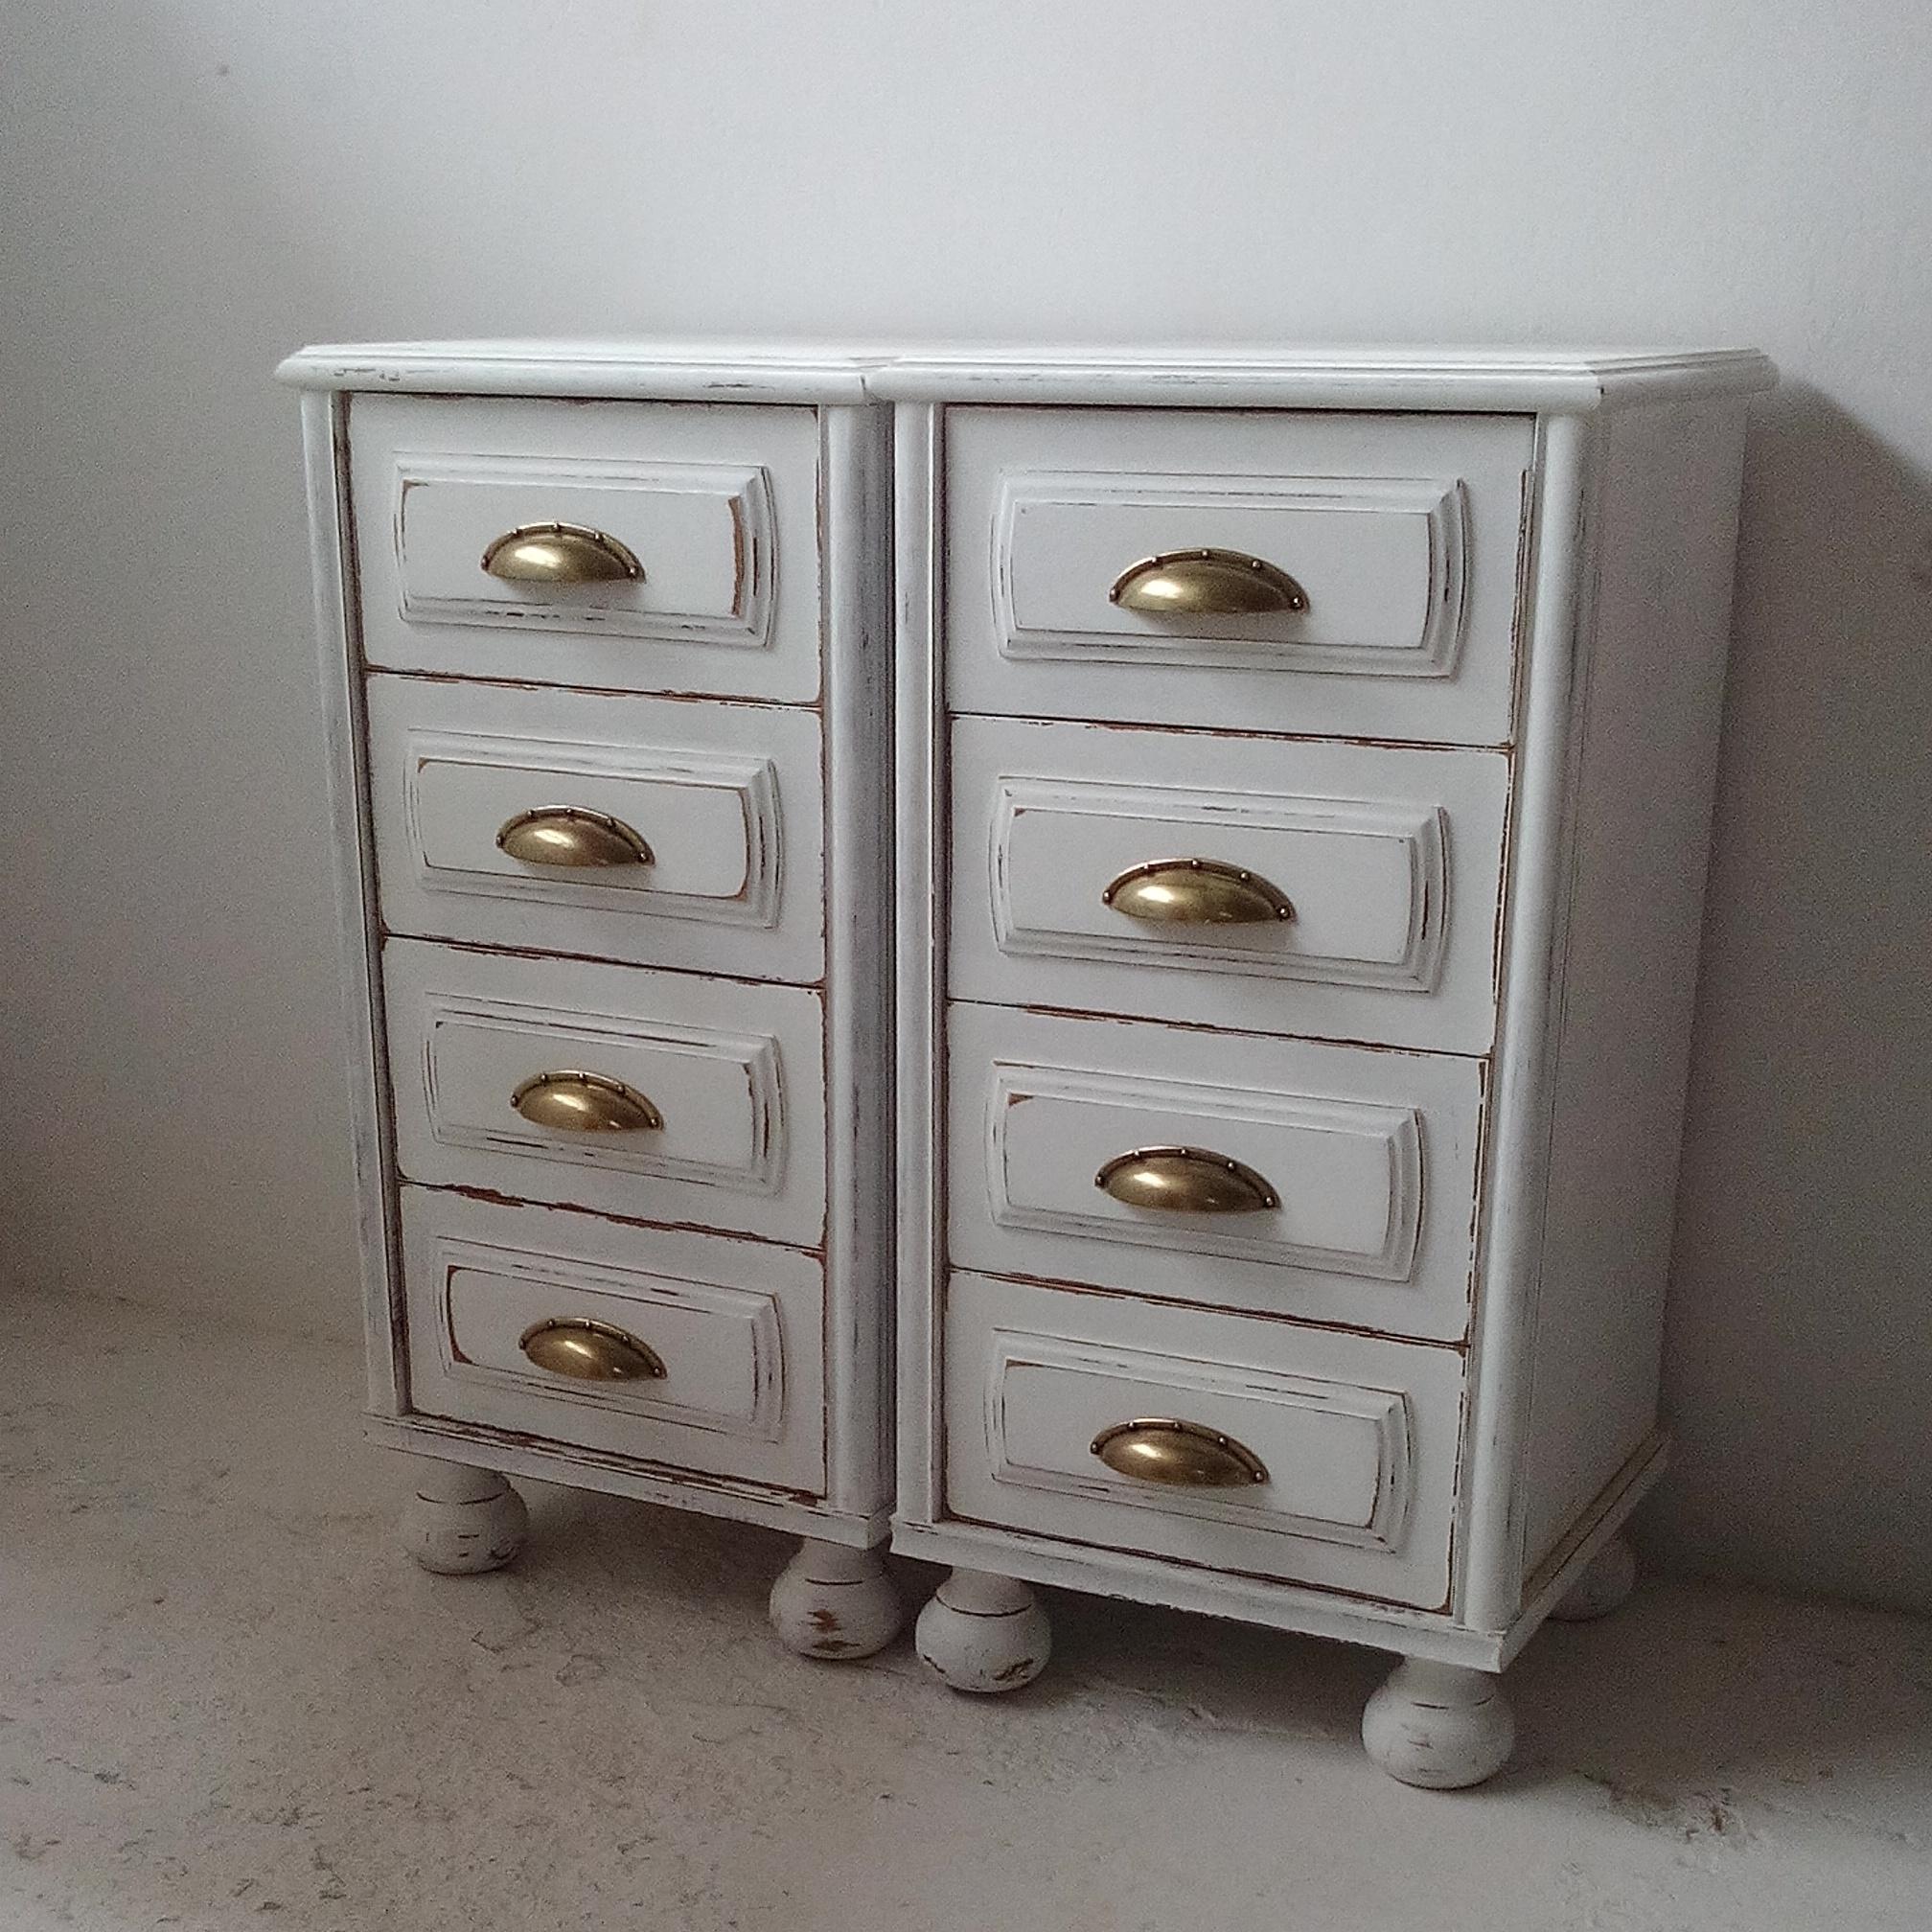 San xuan restauraciones decoraci n restauraciones for Reparacion de muebles antiguos